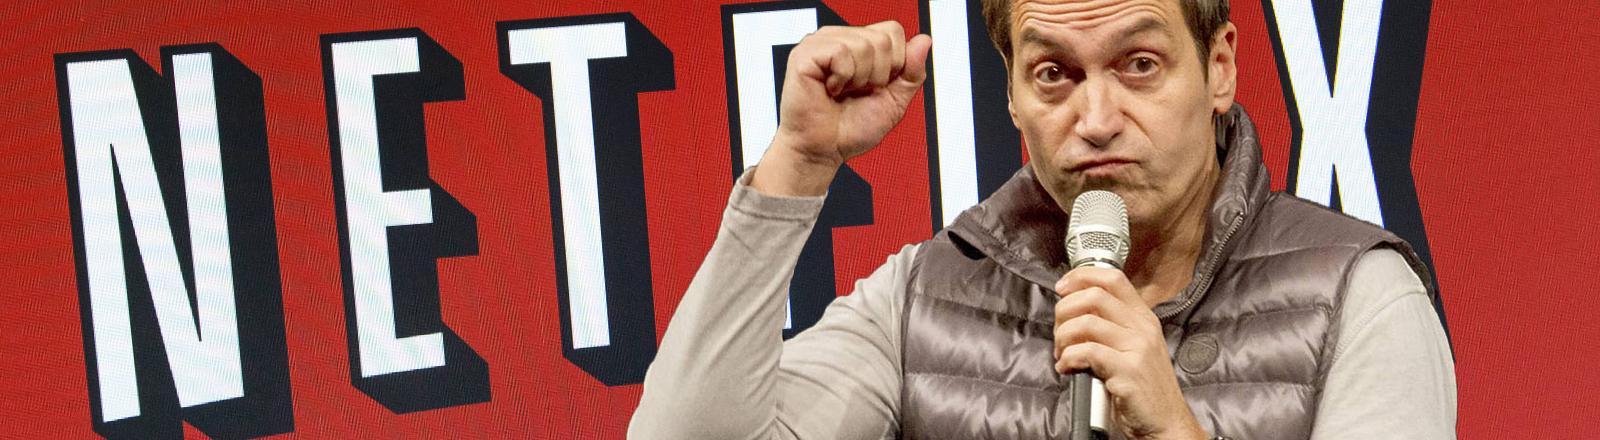 Dieter Nuhr vor dem Logo von Netflix.